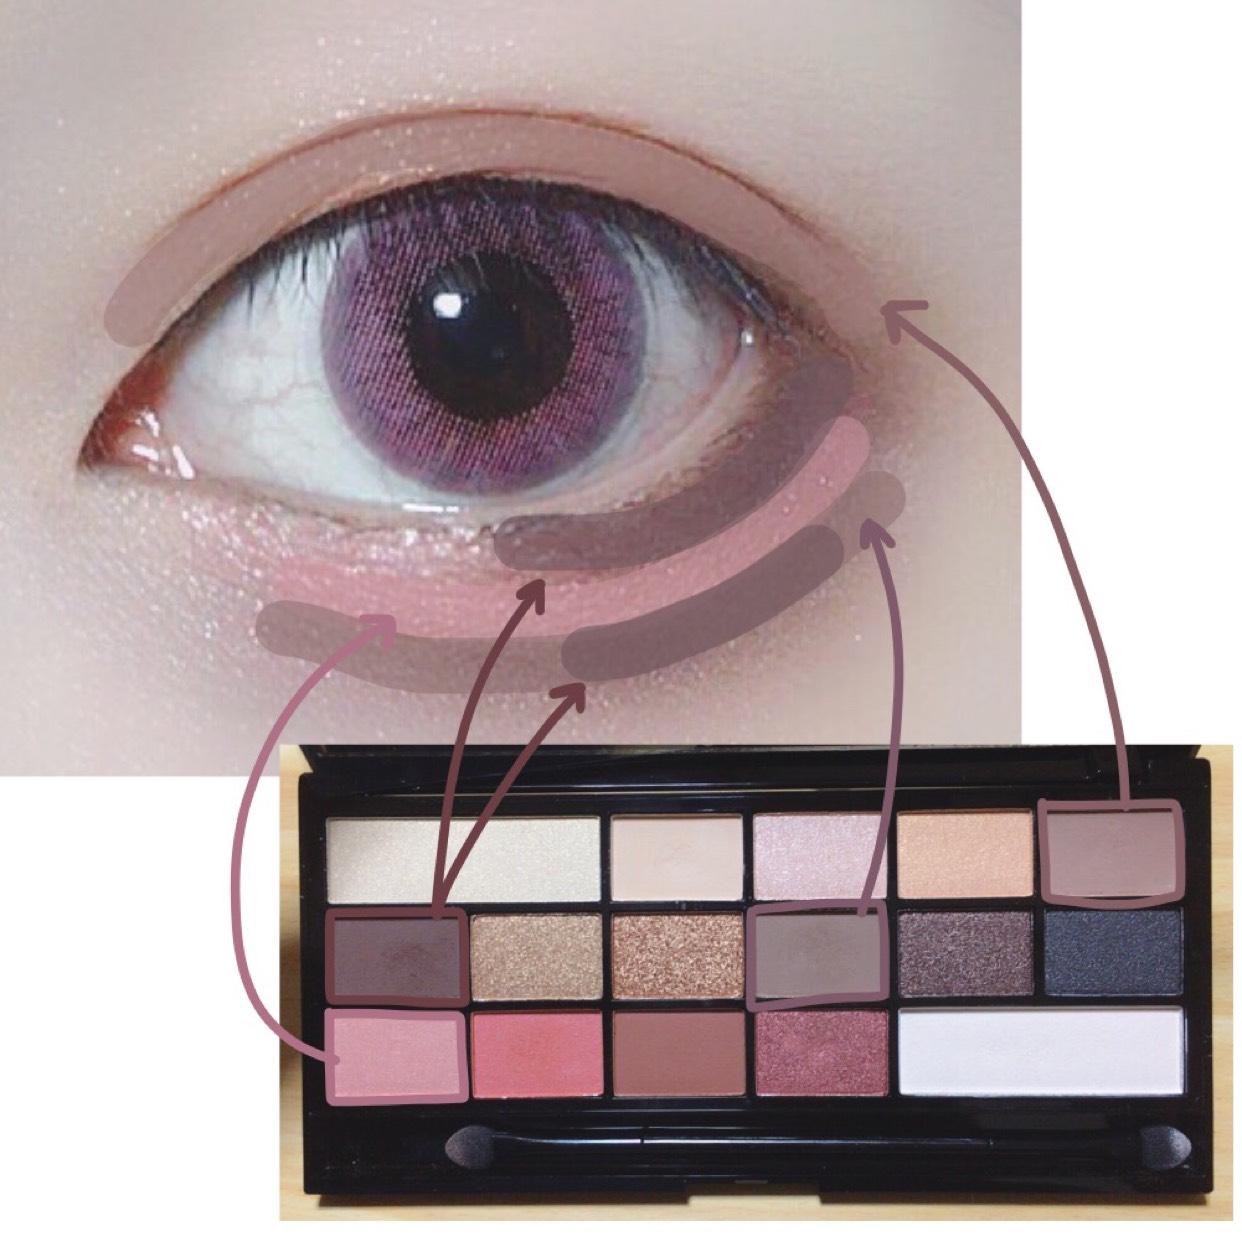 二重幅にブラウン。 下瞼の目尻にタレ目になるよう濃いブラウンを入れて薄ピンクを(最後にベージュを入れるので目頭は塗らない)。  涙袋の影は目のカーブではなく目尻の濃いブラウンのカーブに合わせて描きます! 目の真ん中より外側が濃くなるように2色使います。(タレ目に見えます)